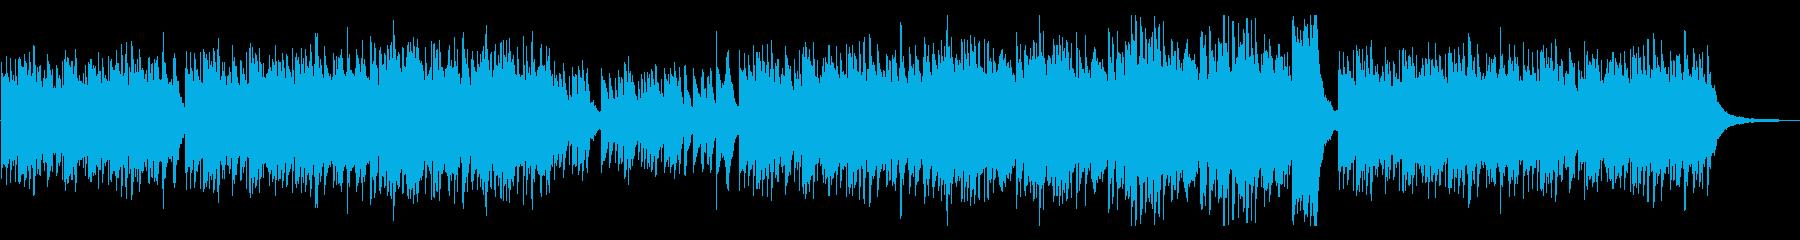 美しいく明るいメロディのピアノ 曲の再生済みの波形